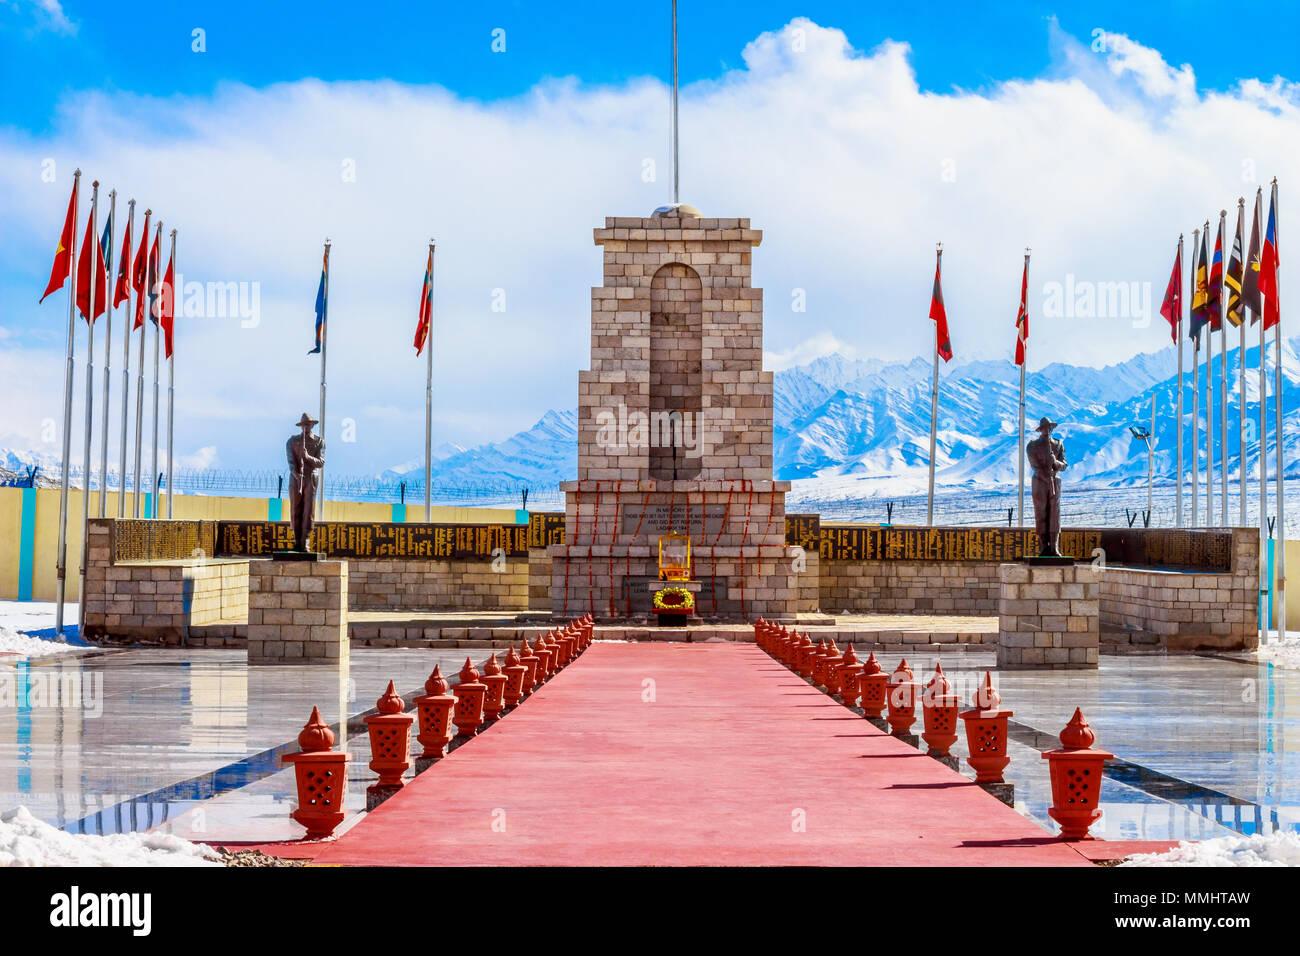 Historische Denkmal in der großen Länder von Ladakh. Die schneebedeckten Berge des Himalaja im Hintergrund, erhält sie in den Stand der Affinität. Stockbild